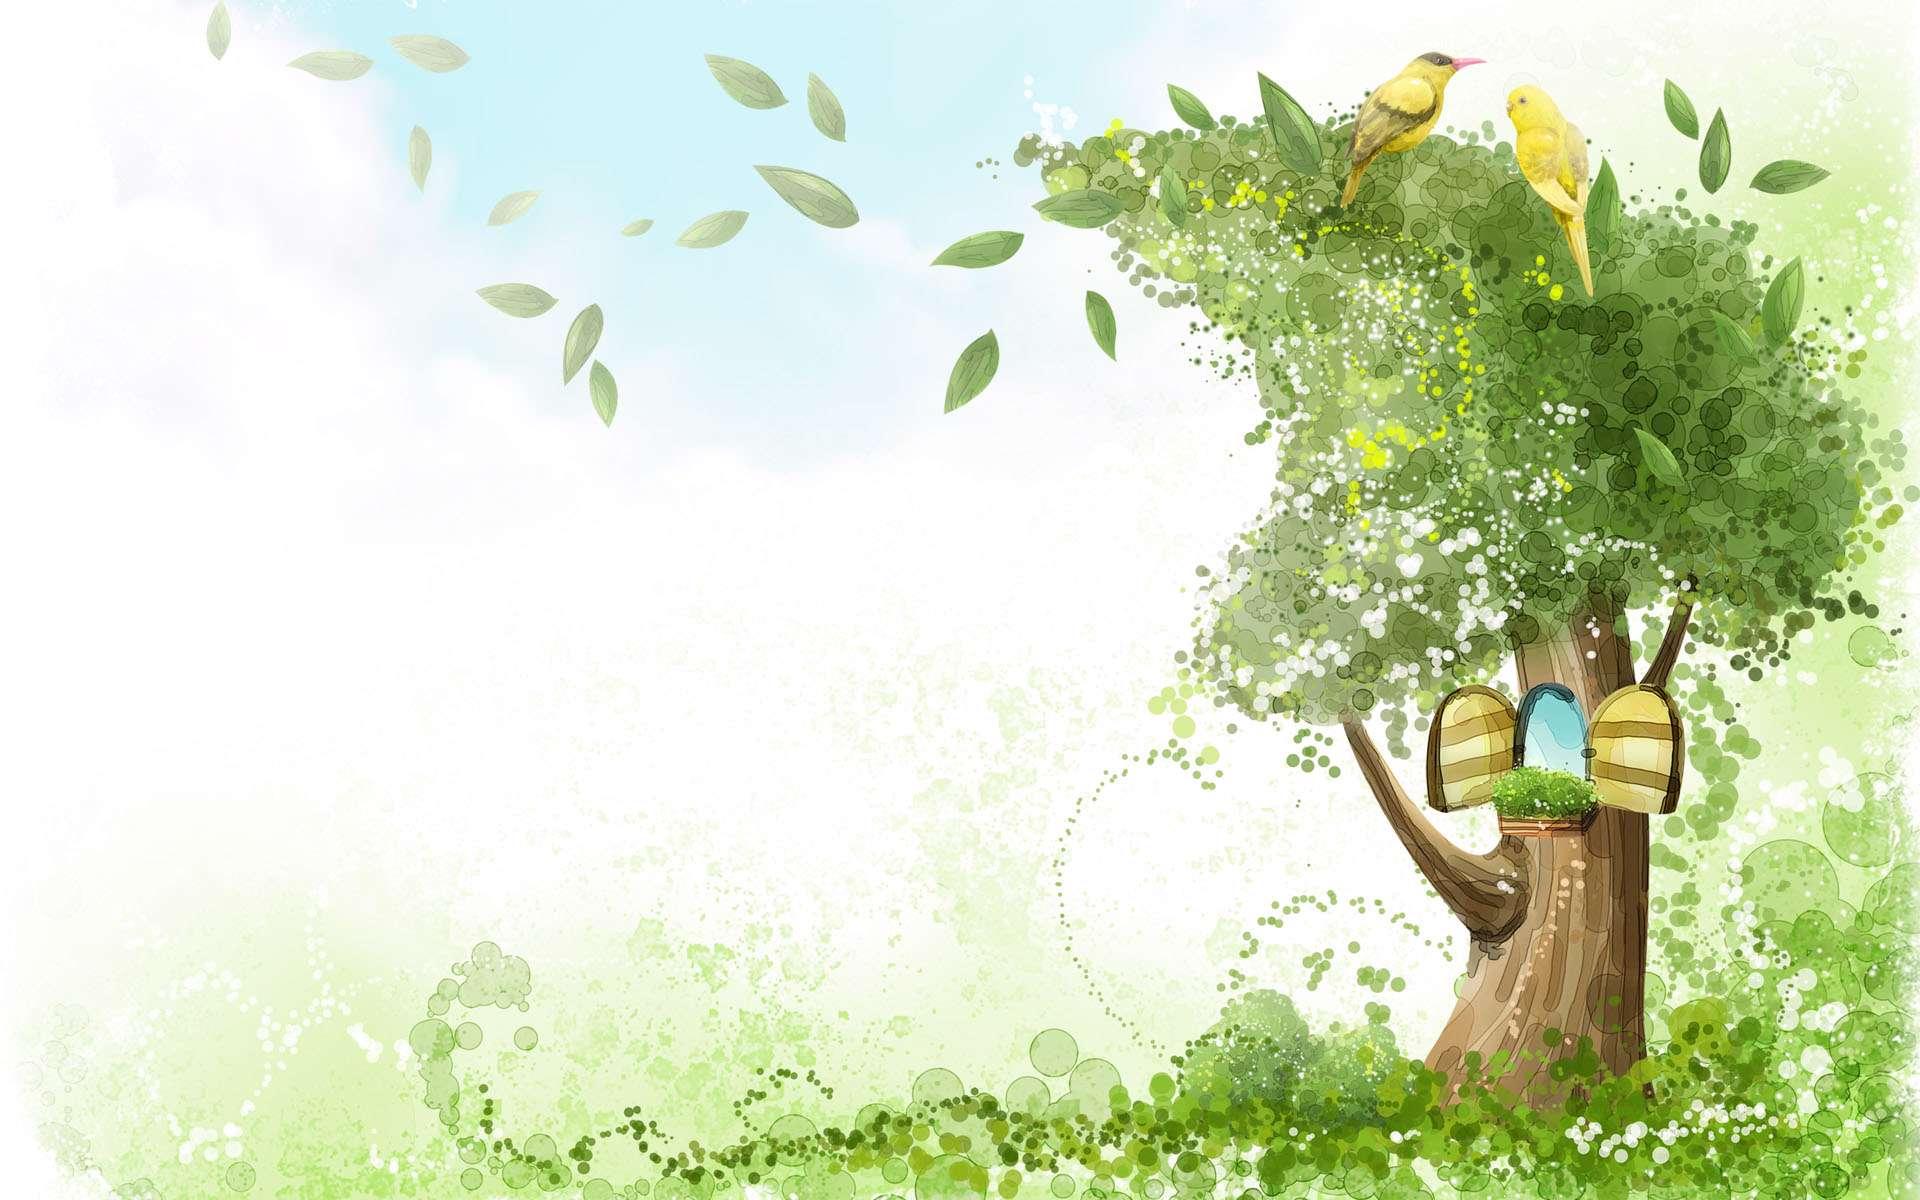 کادر نقاشی نقاشي ديجيتالي از دو پرنده زيبا روي درختي سبز گنجینه ...